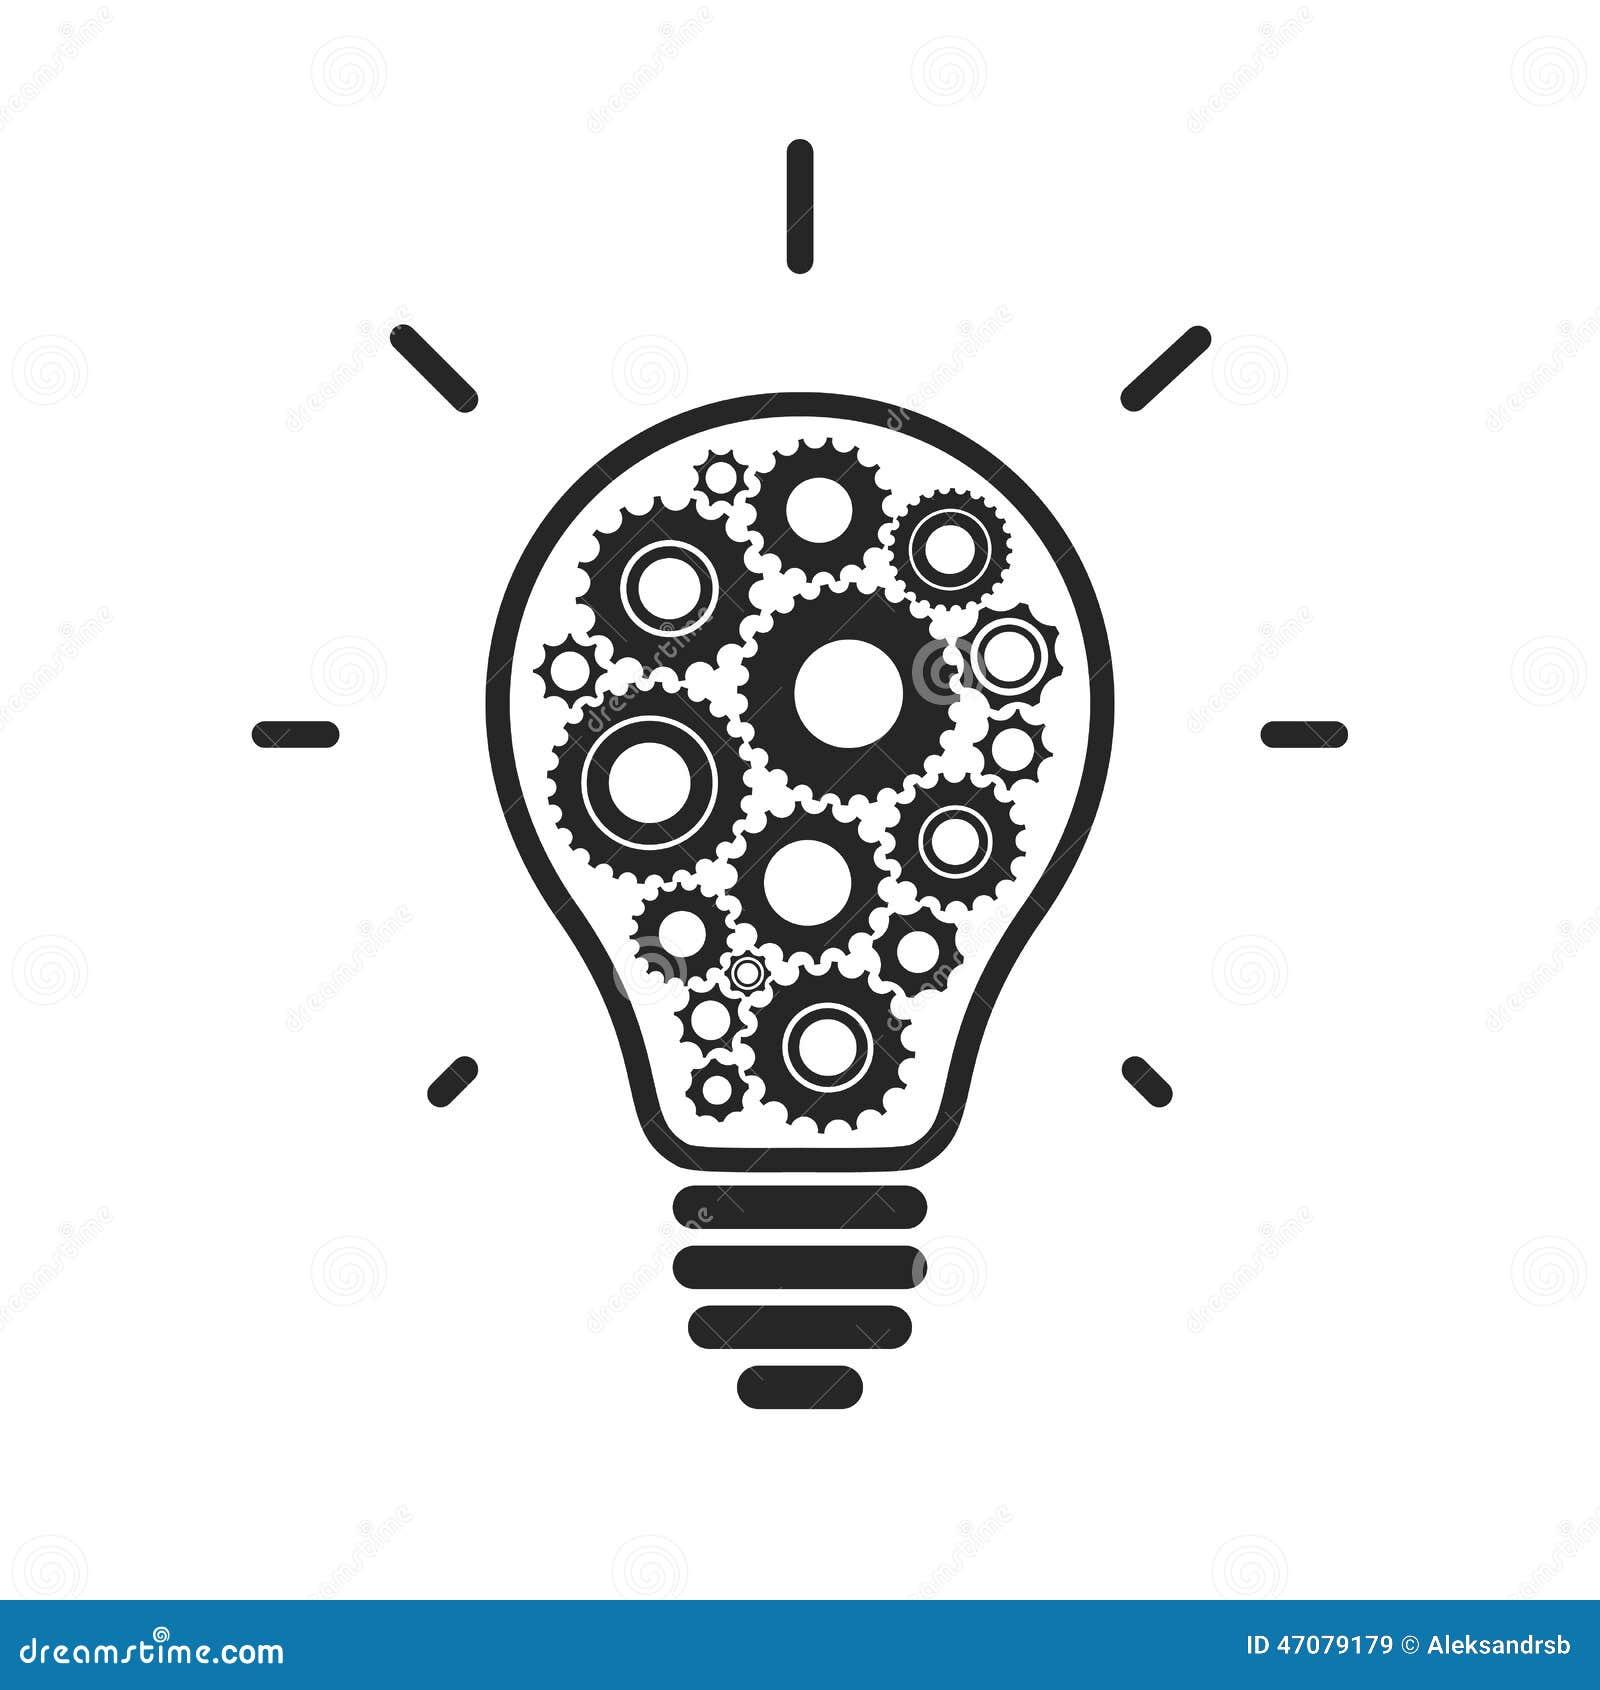 icono conceptual simple de la bombilla con los engranajes ilustraci u00f3n del vector